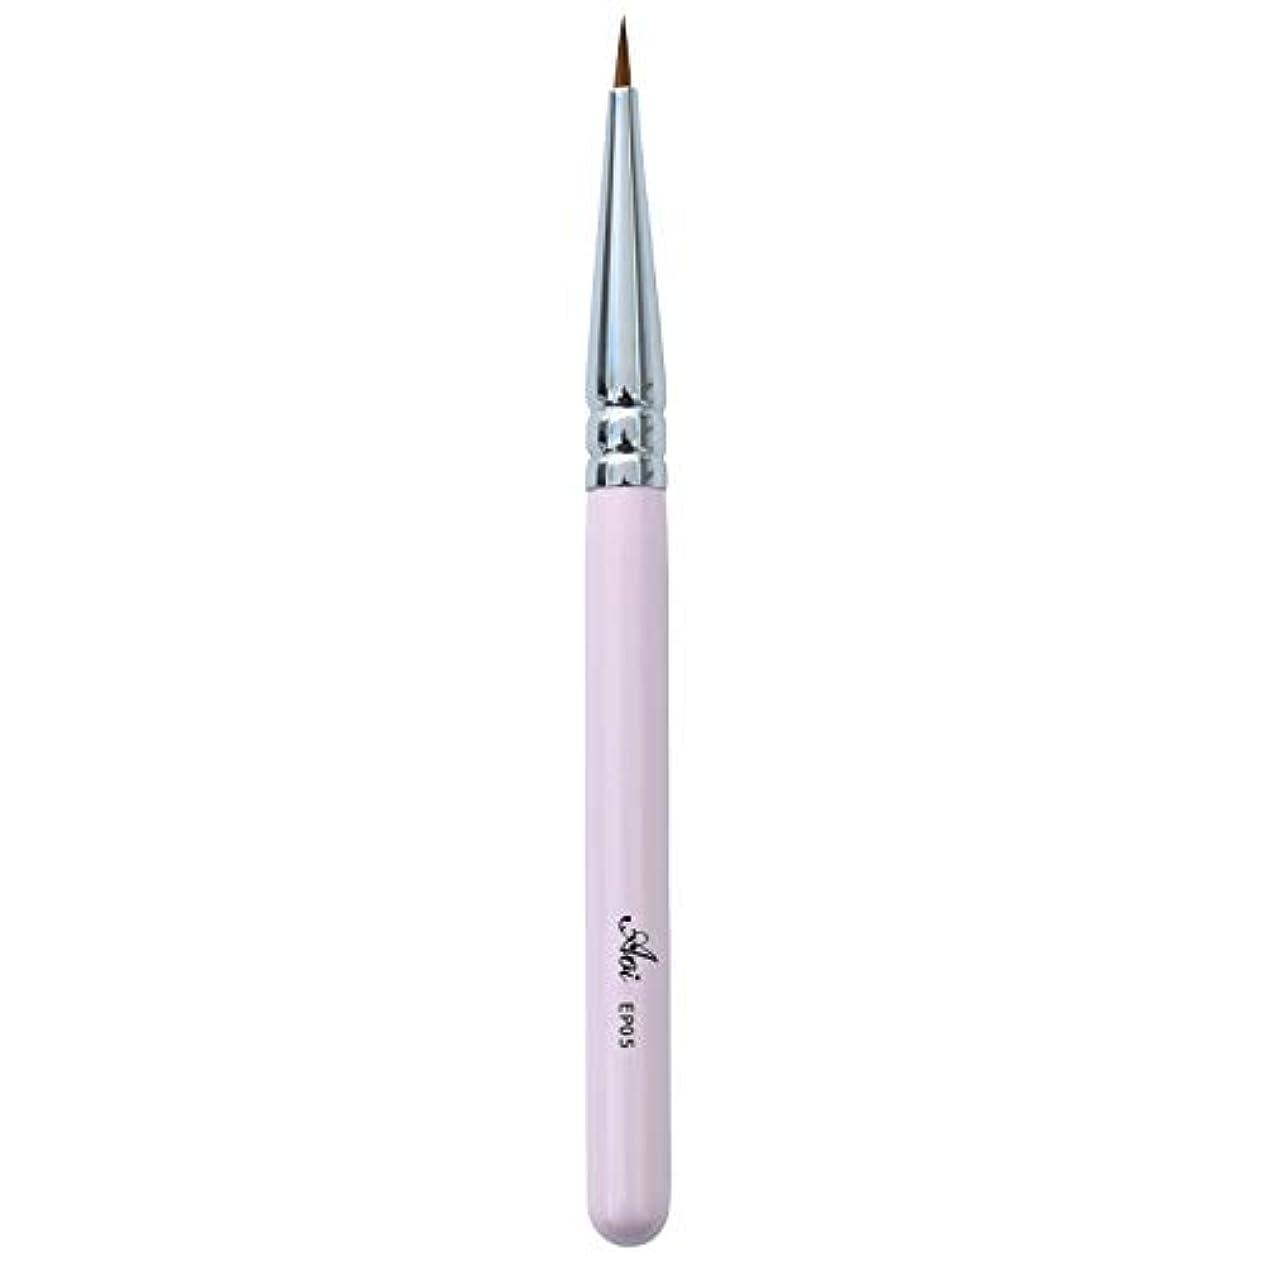 壮大な外側シェフ一休園 Aoi 熊野 化粧筆 アイライナー 丸 10.6×0.7×0.7cm